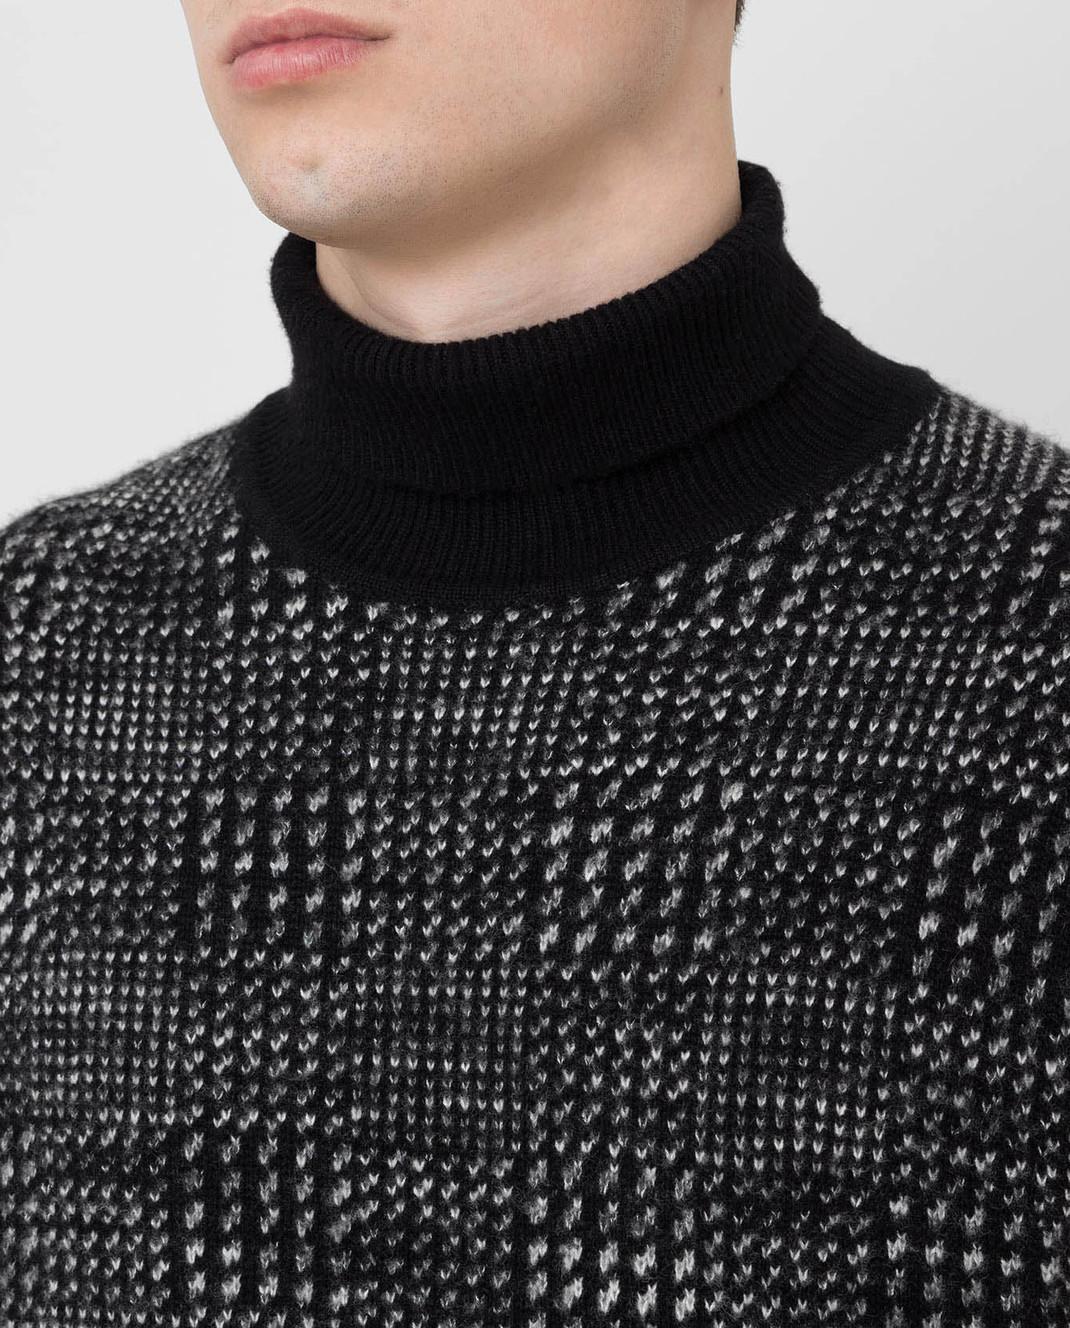 Ermenegildo Zegna Черный свитер из кашемира и шелка URH85120 изображение 5